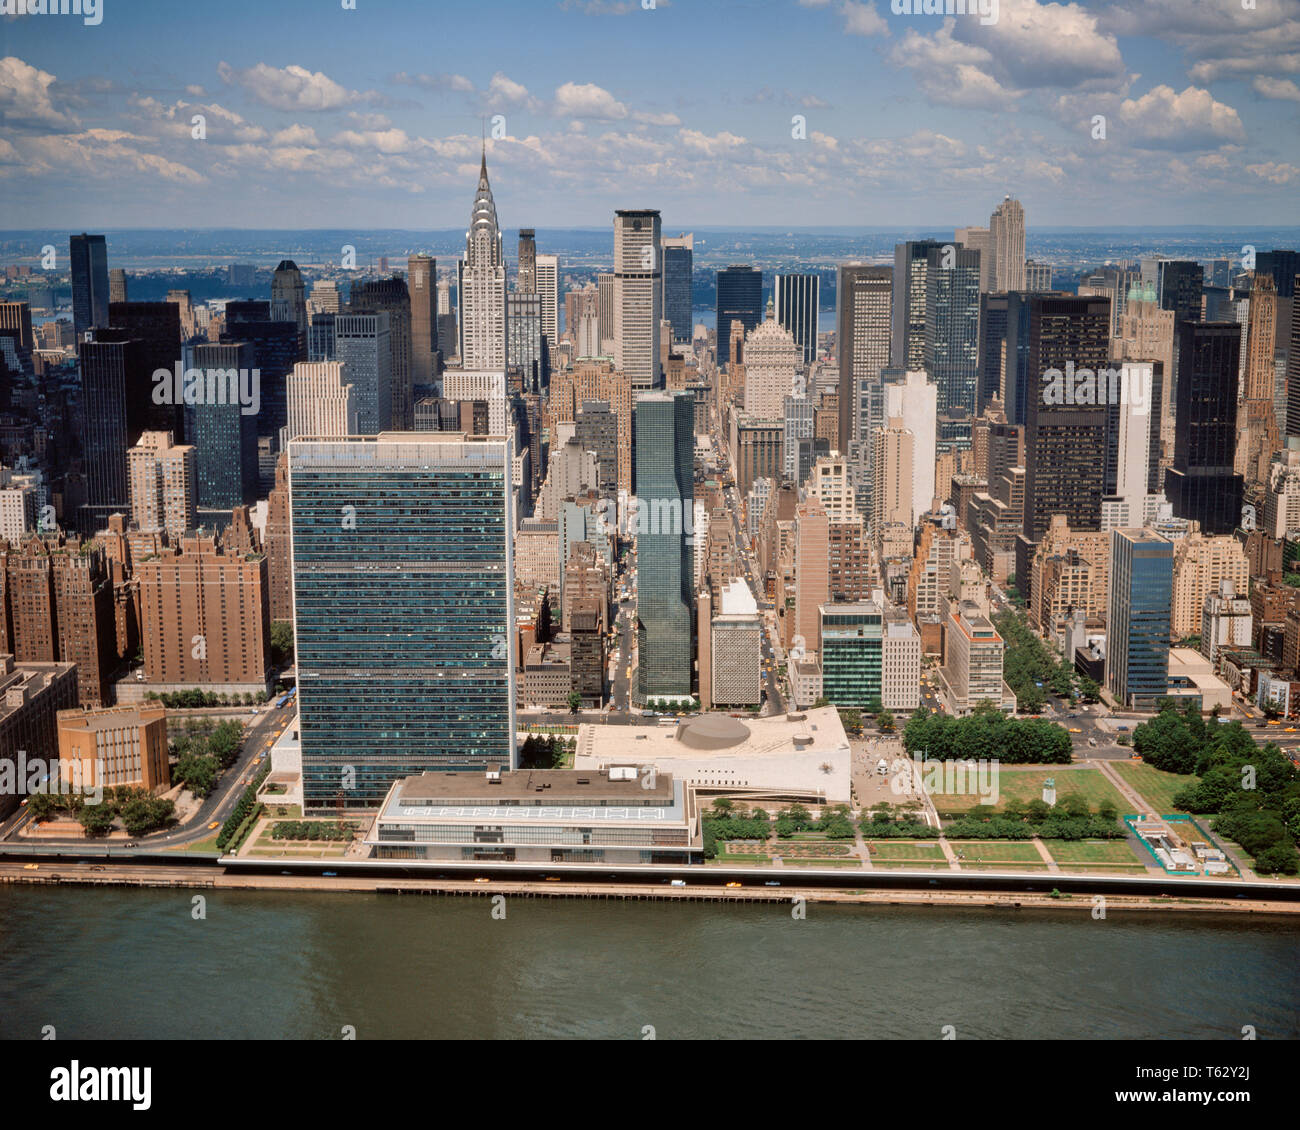 1970 1979 VUE AÉRIENNE DE MANHATTAN MIDTOWN EAST RIVER À L'OUEST DE L'ORGANISATION DES NATIONS UNIES ET le Chrysler Building - KR34418 KRU001 INSPIRATION HARS, États-Unis d'Amérique AMÉRIQUE DU NORD NEW YORK BÂTIMENTS GRAND ANGLE NORD-AMÉRICAINE DE NATIONS RÊVES MIDTOWN CENTRE URBAIN D'ANGLE HAUTE RÉSISTANCE ET PROPRIÉTÉ D'AVENTURE EXCITATION CHRYSLER PUISSANT EXTÉRIEUR NORD-EST DE GOTHAM VOYAGES USA OCCASION NYC POLITICS REAL ESTATE CÔTE EST CONCEPTUEL NEW YORK ÉDIFICE ÉLÉGANT STRUCTURES VILLES NEW YORK CITY CRÉATIVITÉ RESORTS VUE AÉRIENNE BIG APPLE Art déco à l'ANCIENNE RIVIÈRE EAST UNITED NATIONS Photo Stock